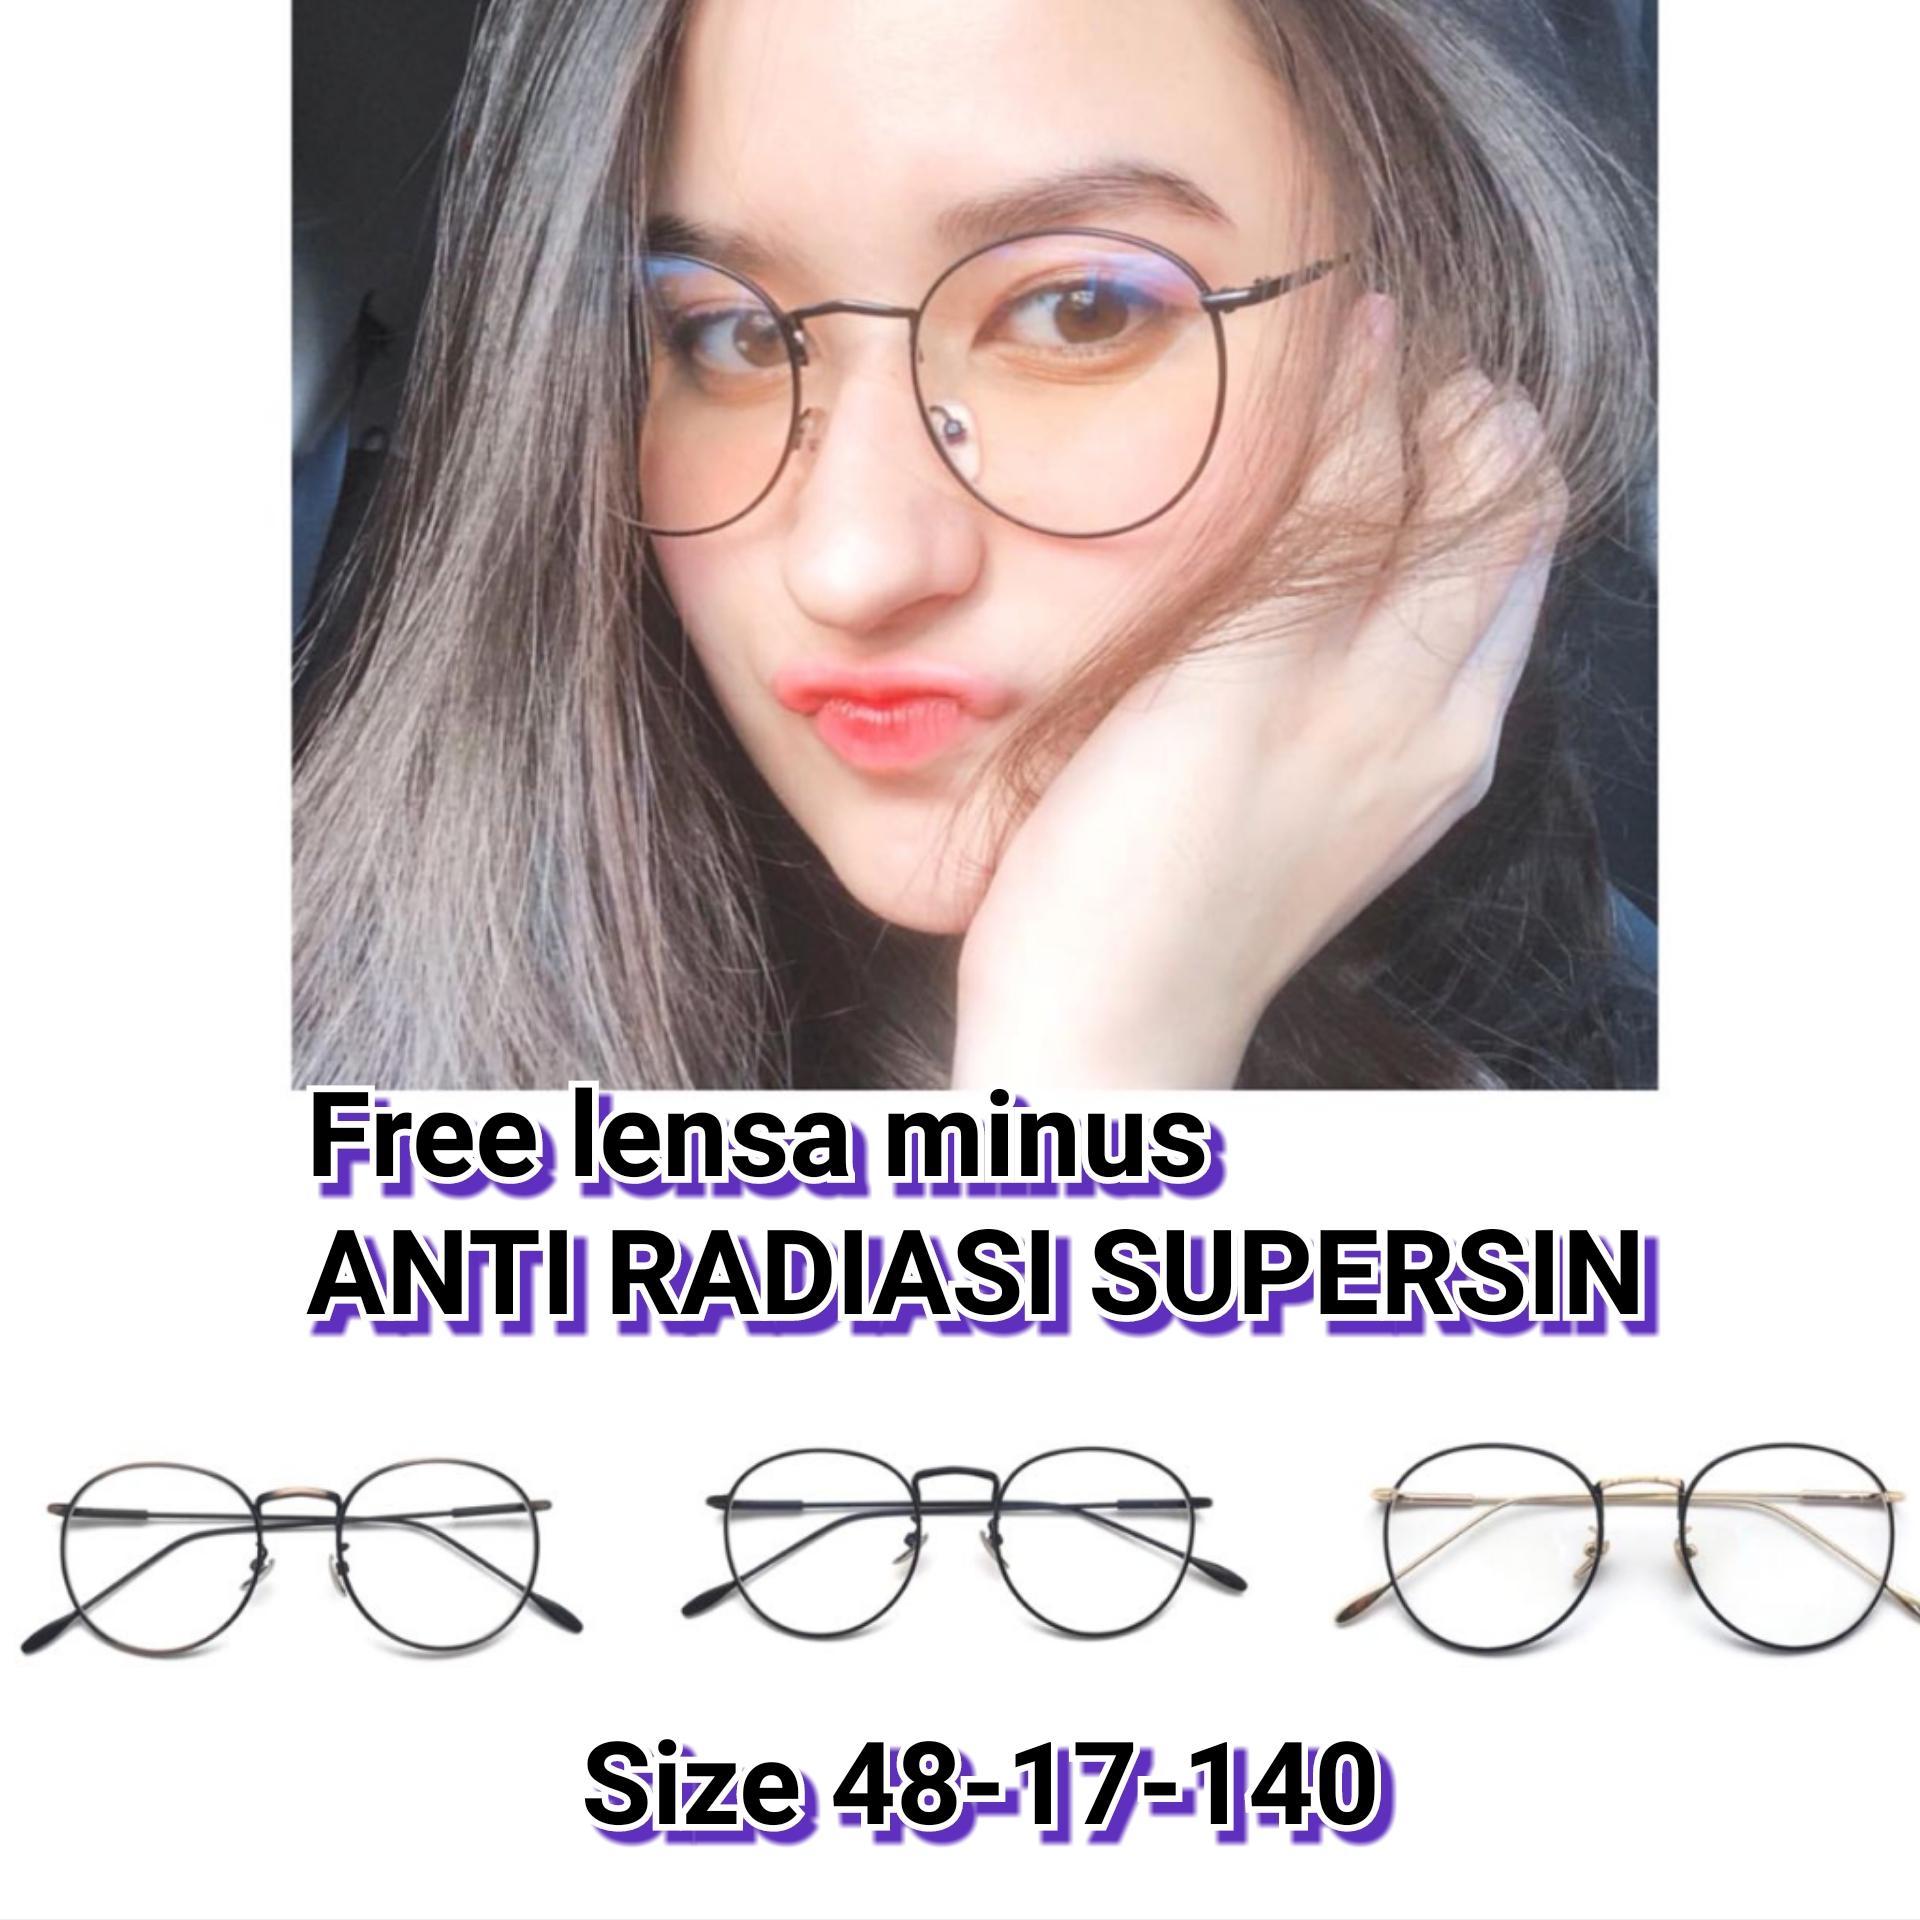 ... Frame Kacamata 3213 ursula kacamata minus   plus  cylinder kacamata  anti radiasi - 3 689150e295